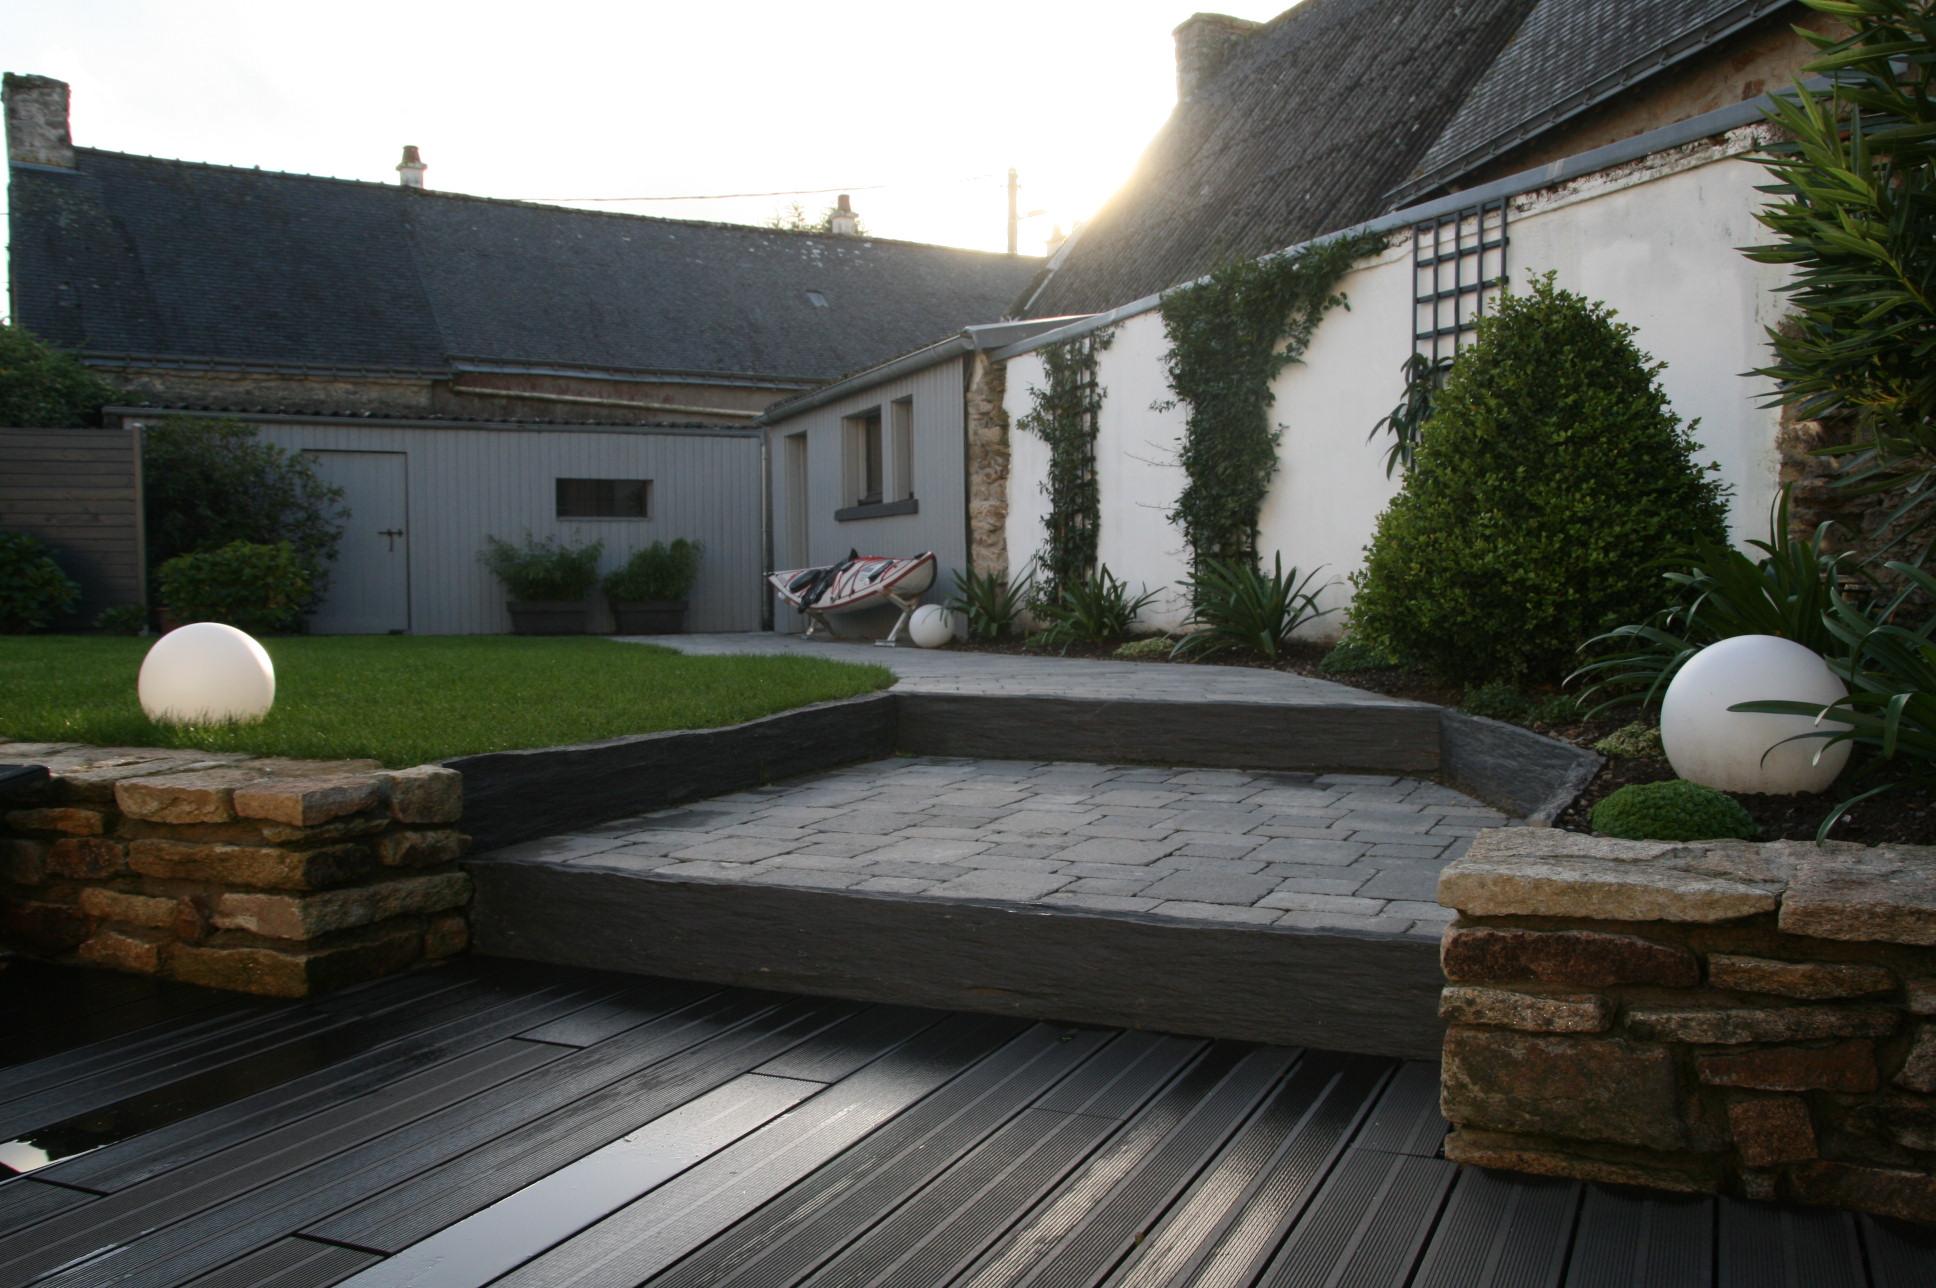 paysagisme les bonnes raisons de faire appel un architecte paysagiste. Black Bedroom Furniture Sets. Home Design Ideas